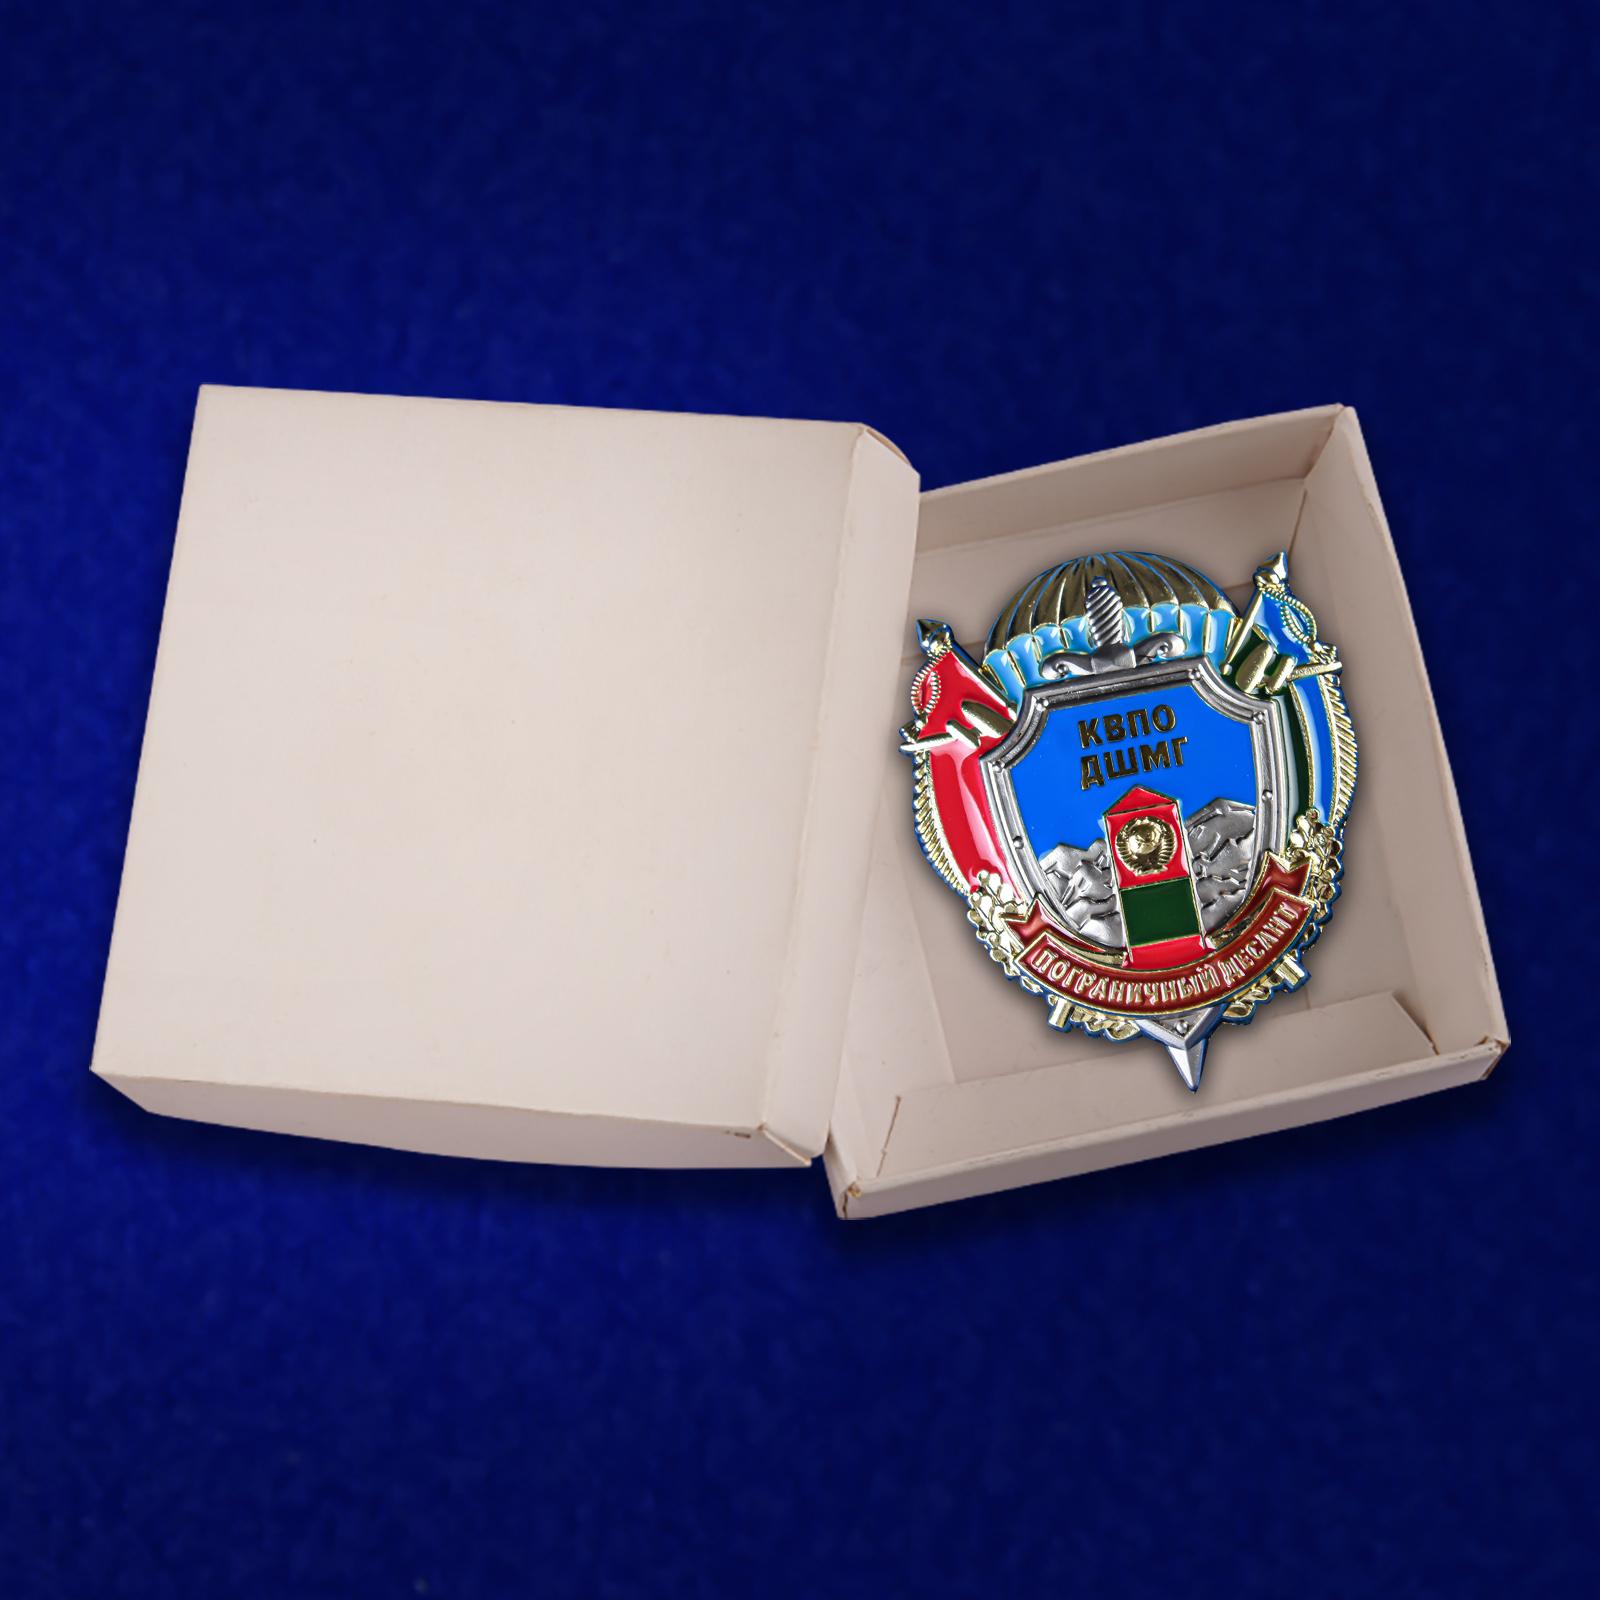 Знак КВПО ДШМГ Пограничный десант - в коробке